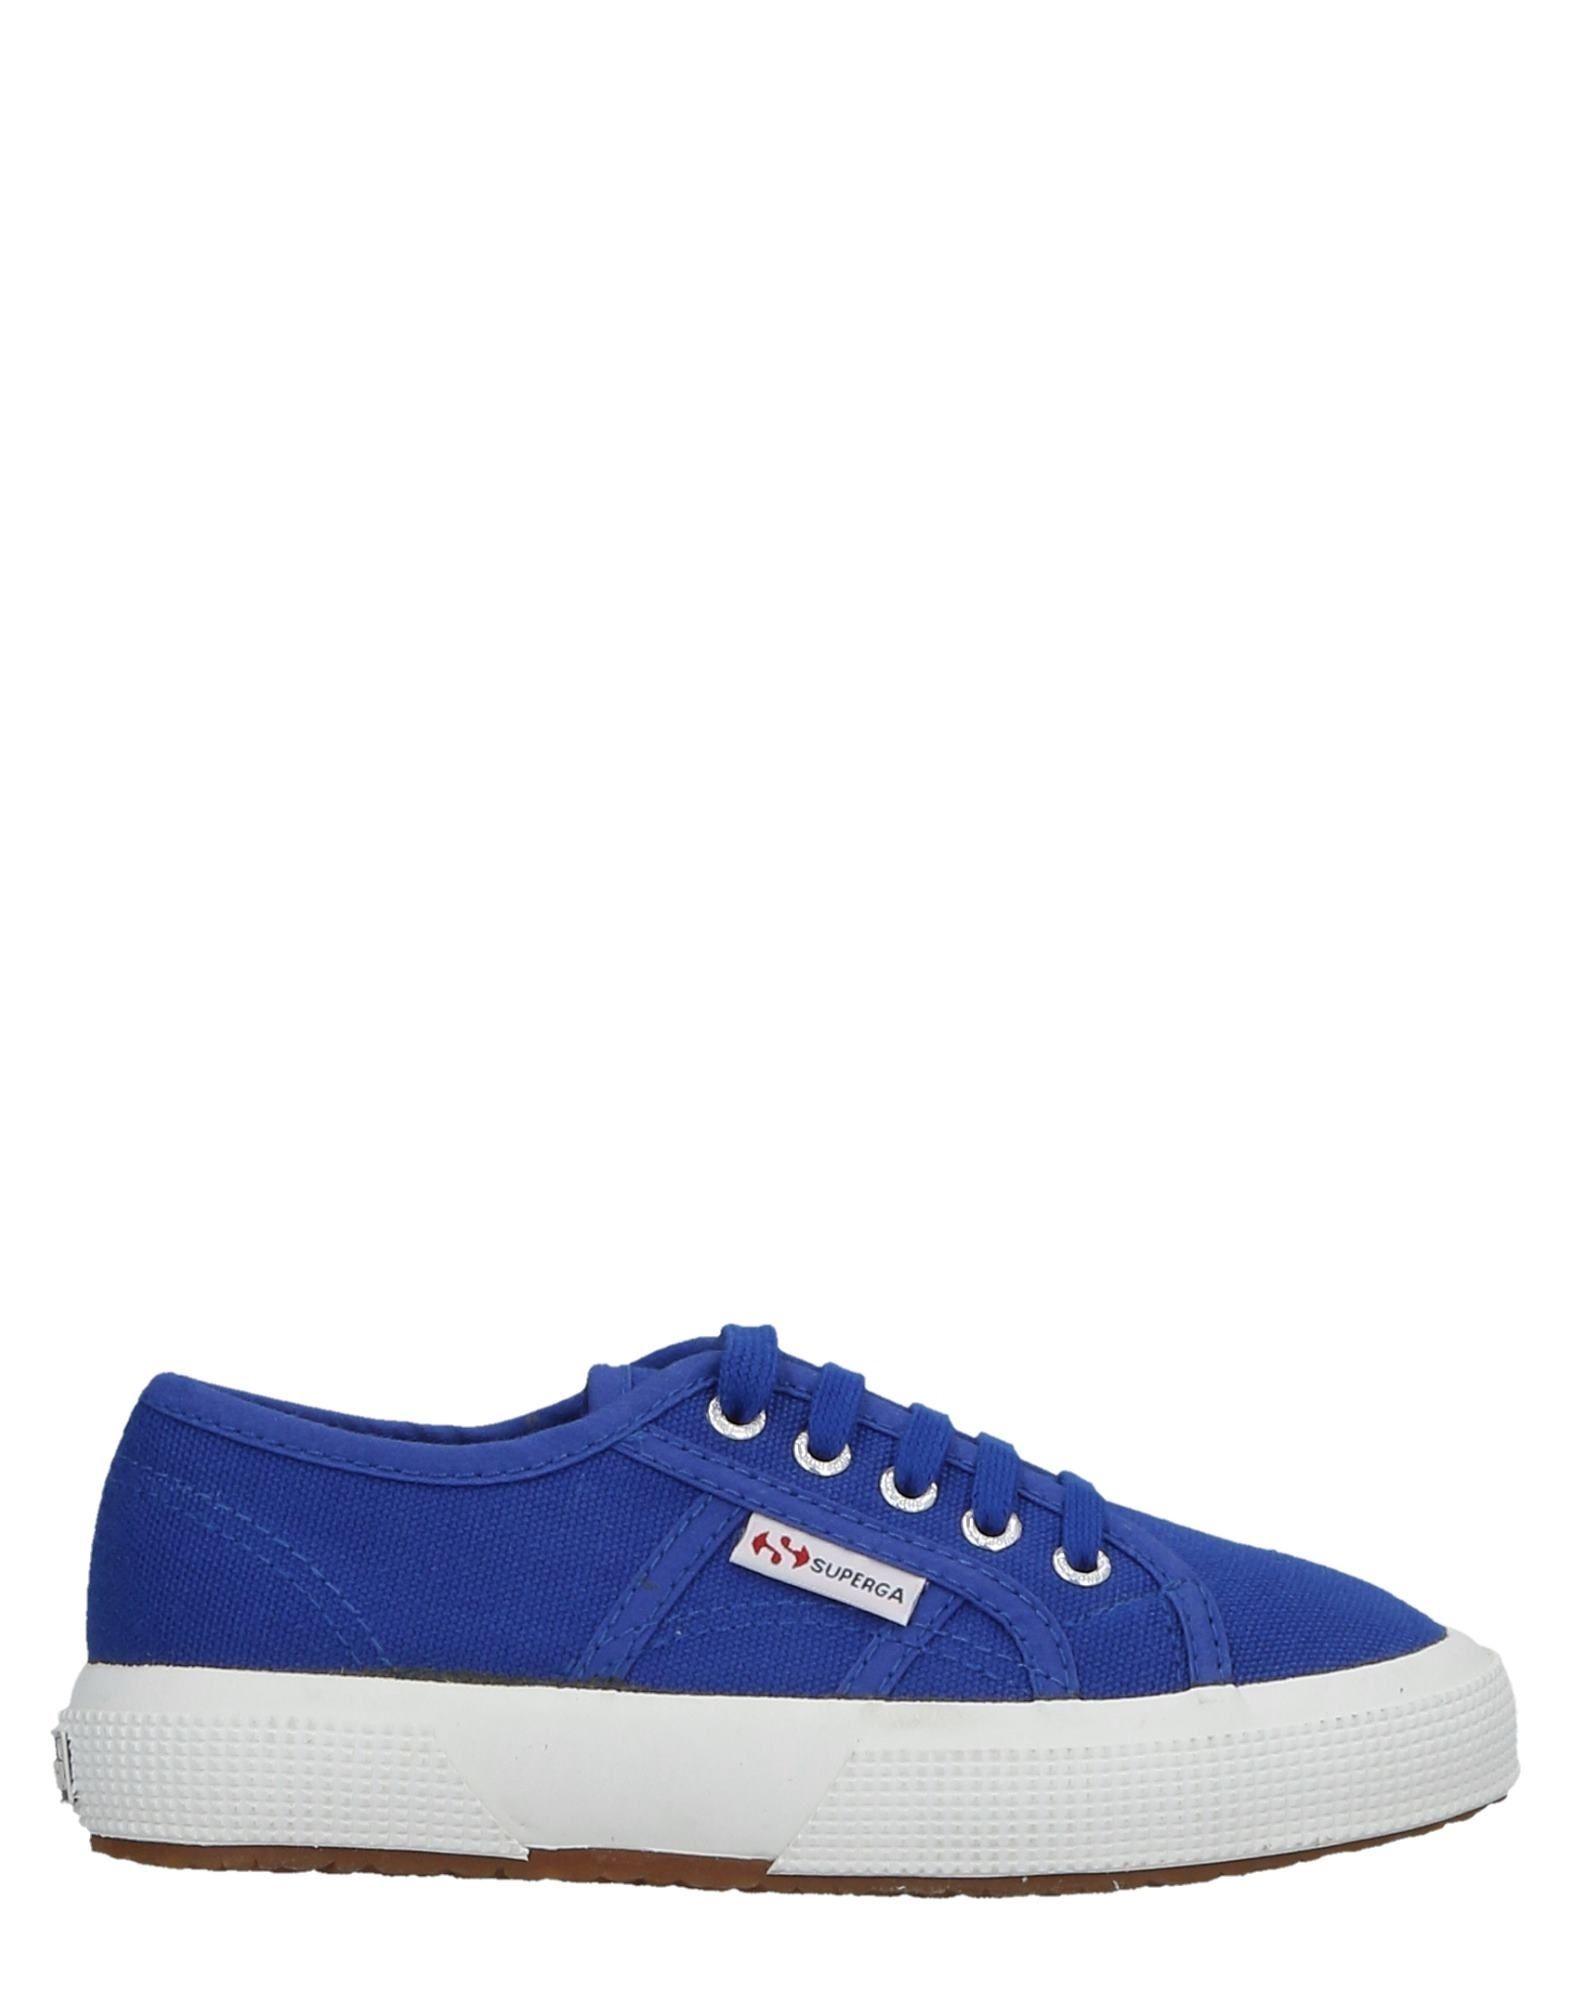 FOOTWEAR Superga Blue Unisex Textile fibres